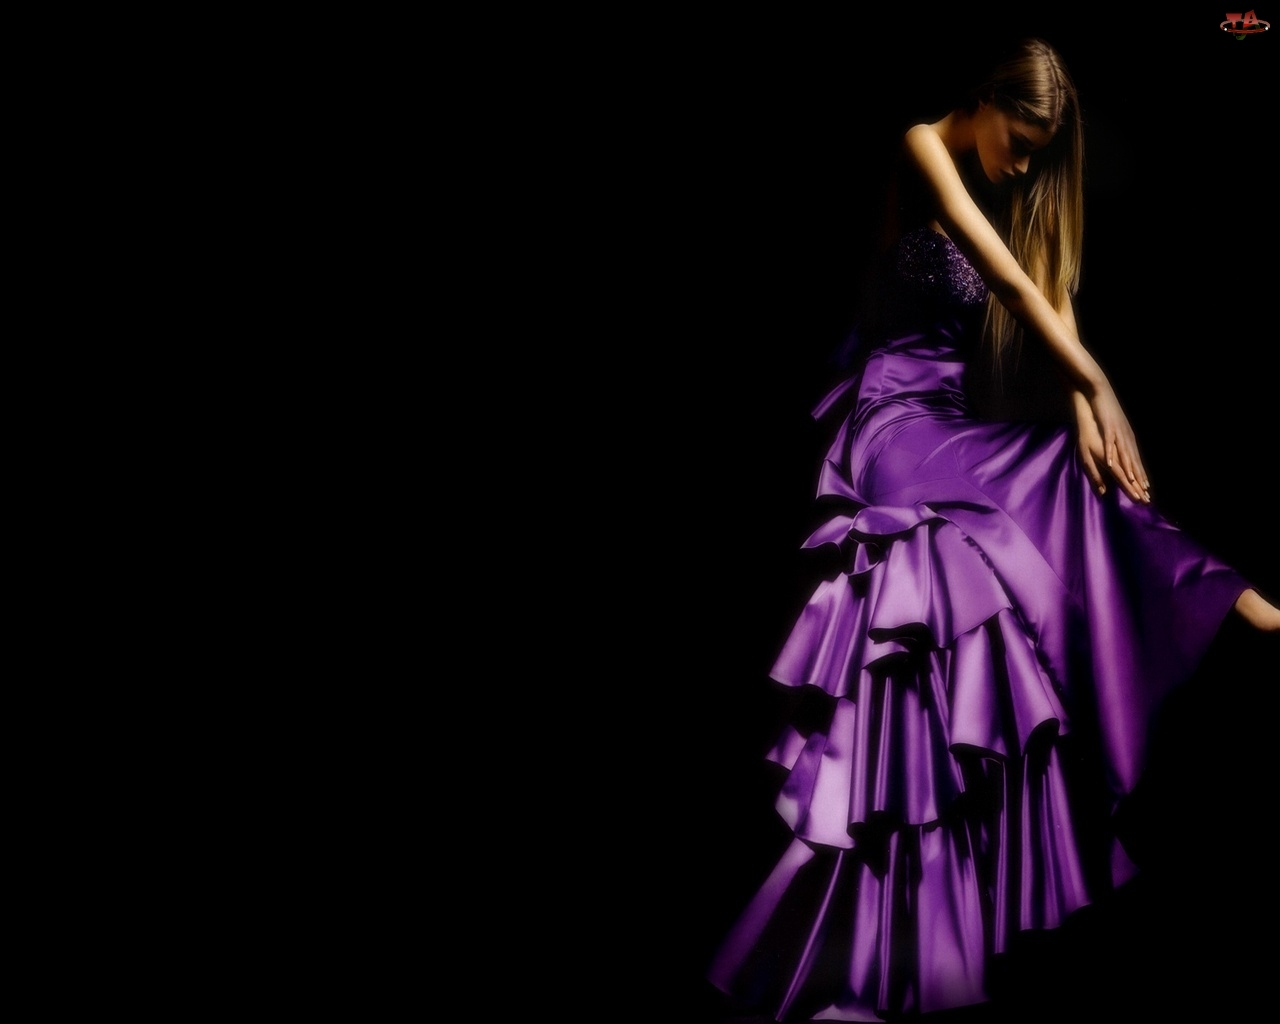 Sukienka, Kobieta, Fioletowa